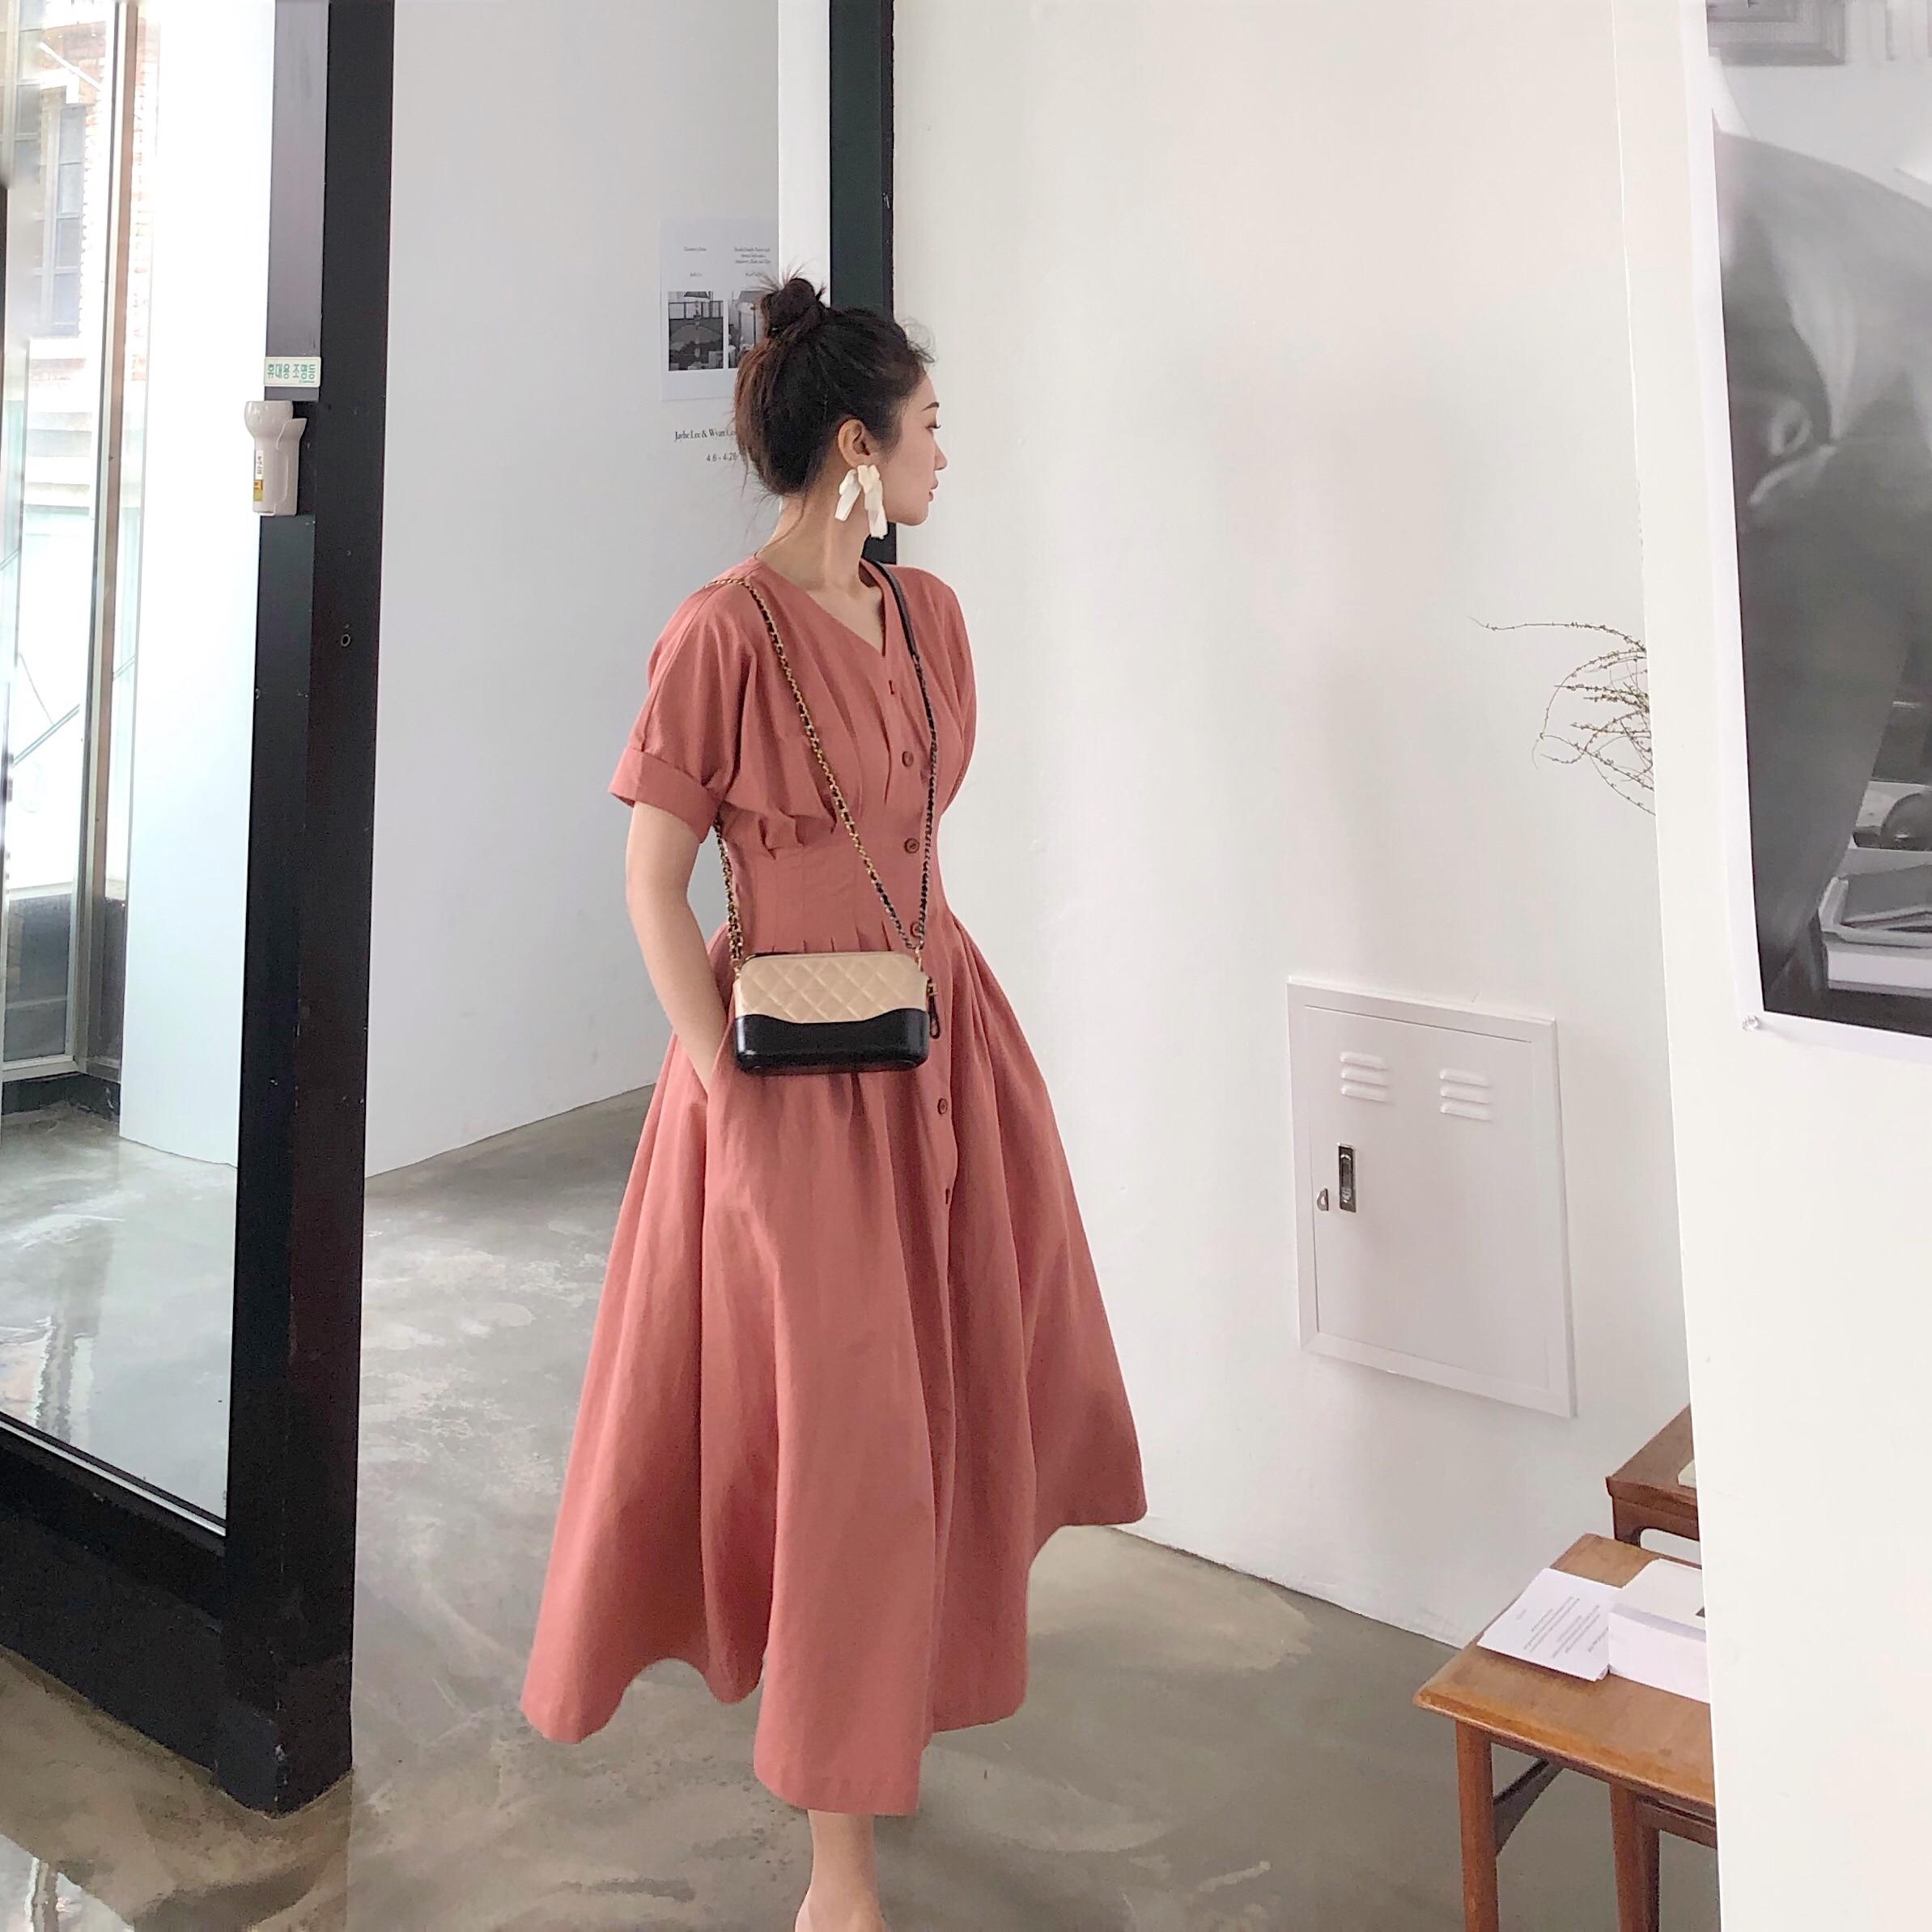 2019 femmes d'été Vintage Style français robes Slim bande taille bouton avant v-cou lin rétro vacances robe